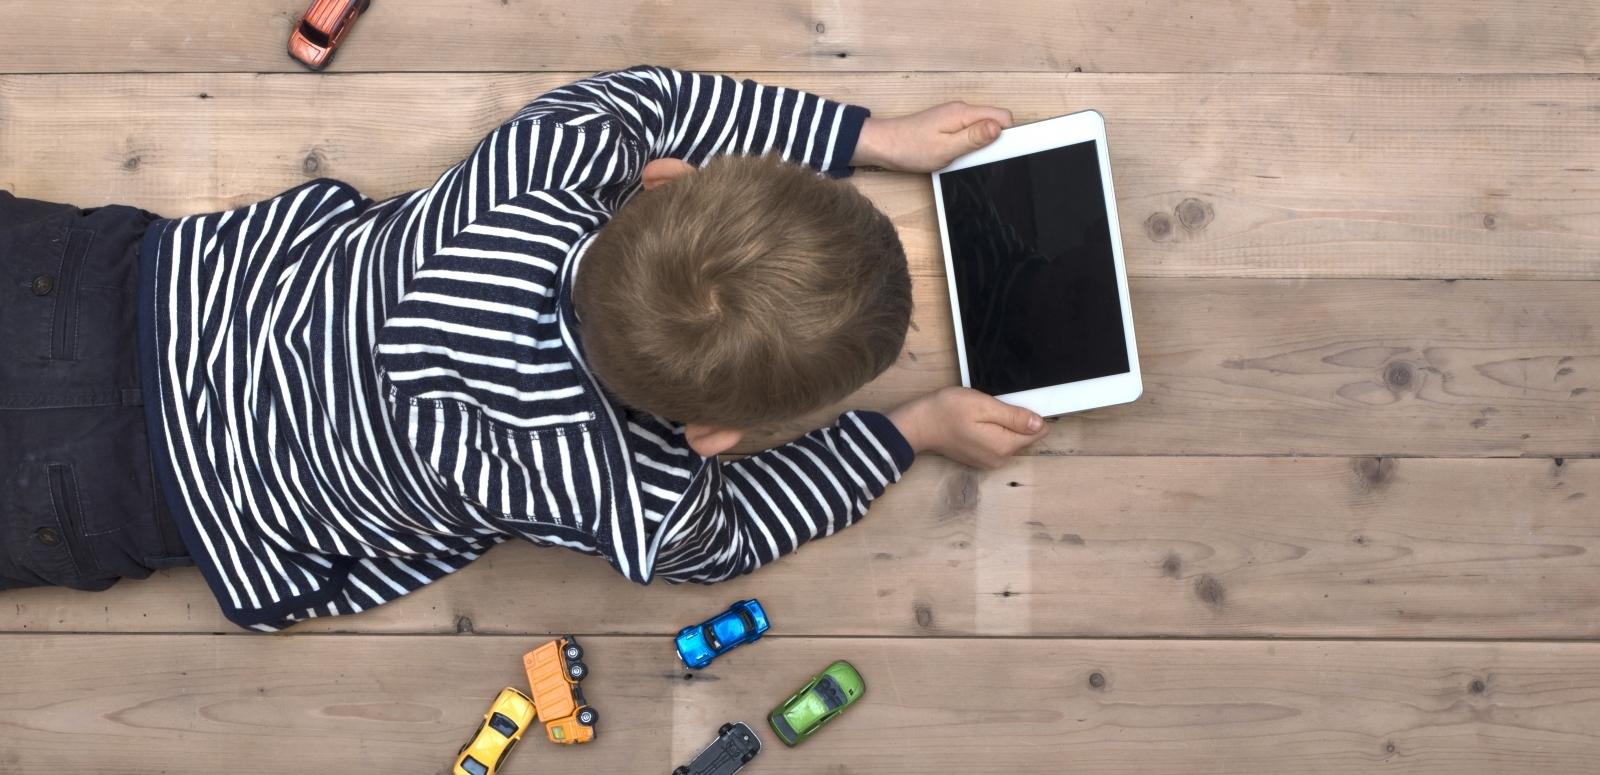 child tech survey